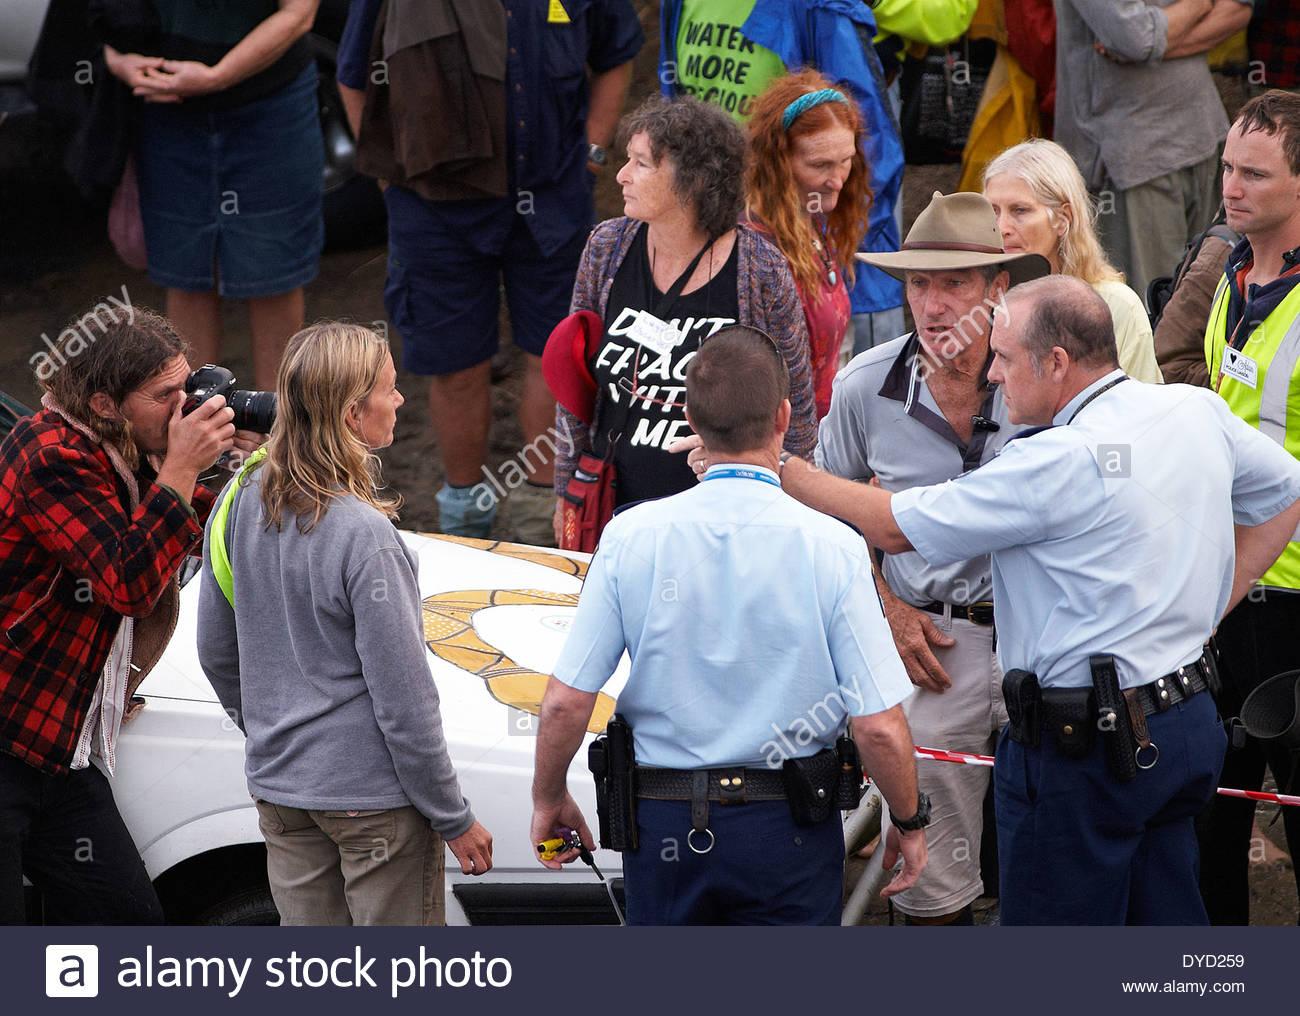 La tensione cresce come discutere di polizia protocollo con Bentley blocco leader di protesta, fotografi e rappresentanti; al Bentley, NSW, Australia. Immagini Stock